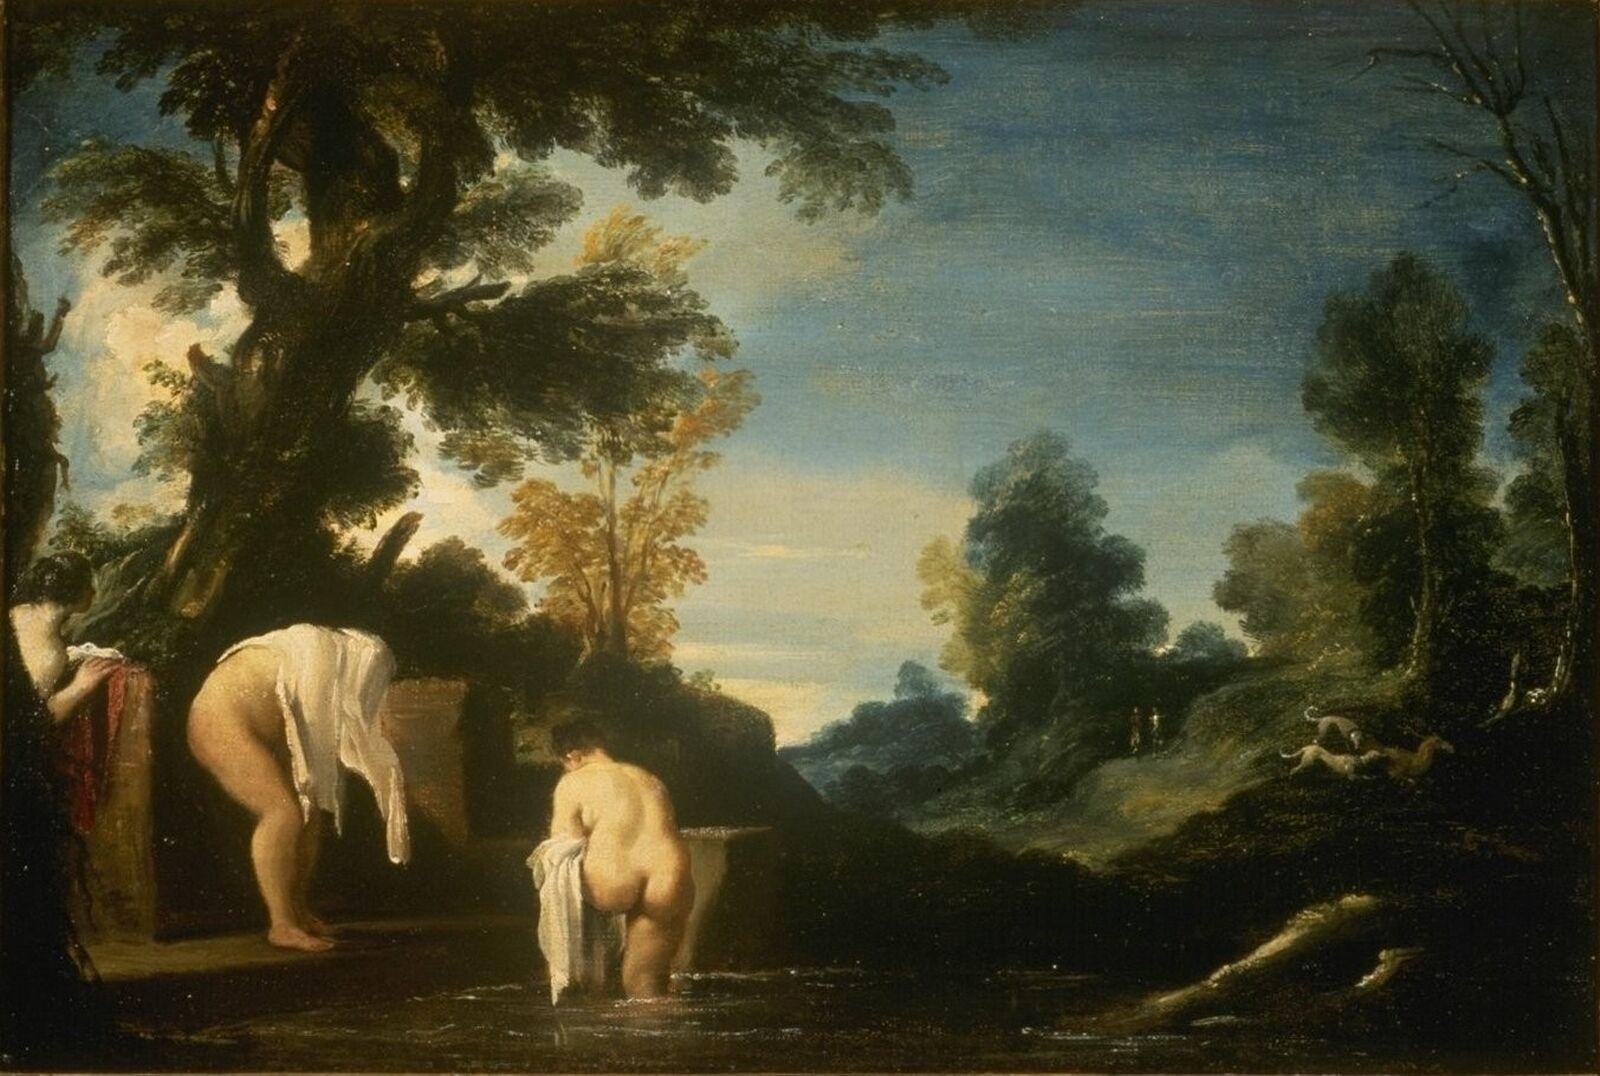 Guercino - Paesaggio con donne bagnanti 1618ca